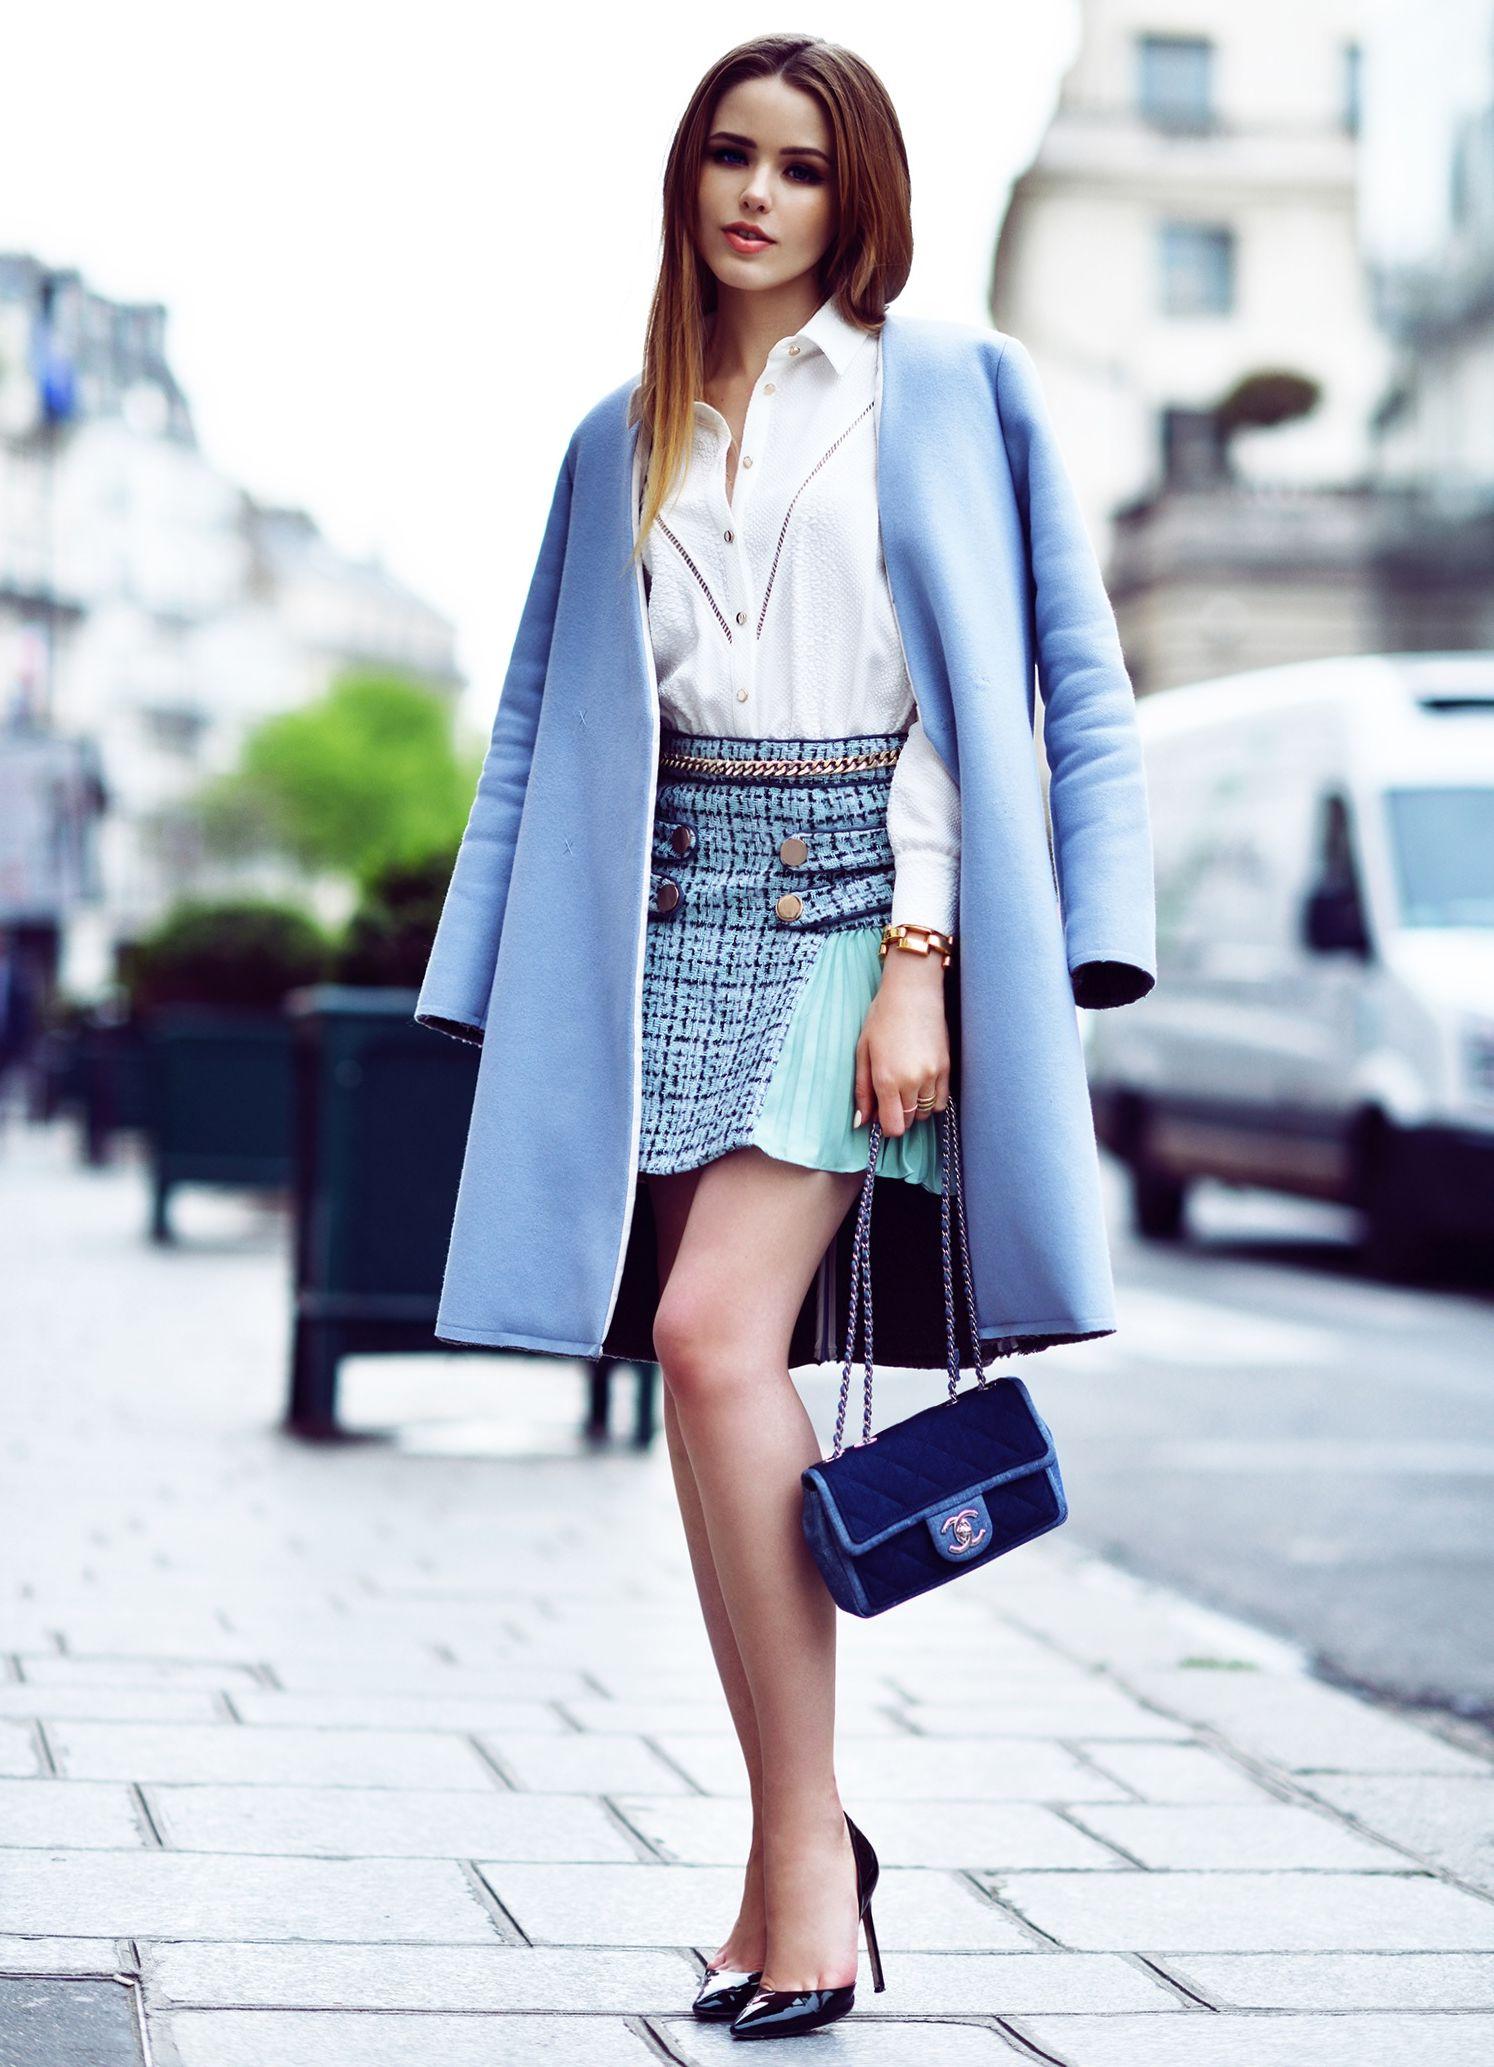 Модні пальто осінь-зима 2017-2018. Дівчина в пальто завжди виглядає  елегантніше і жіночніше 2cefcbb393a34